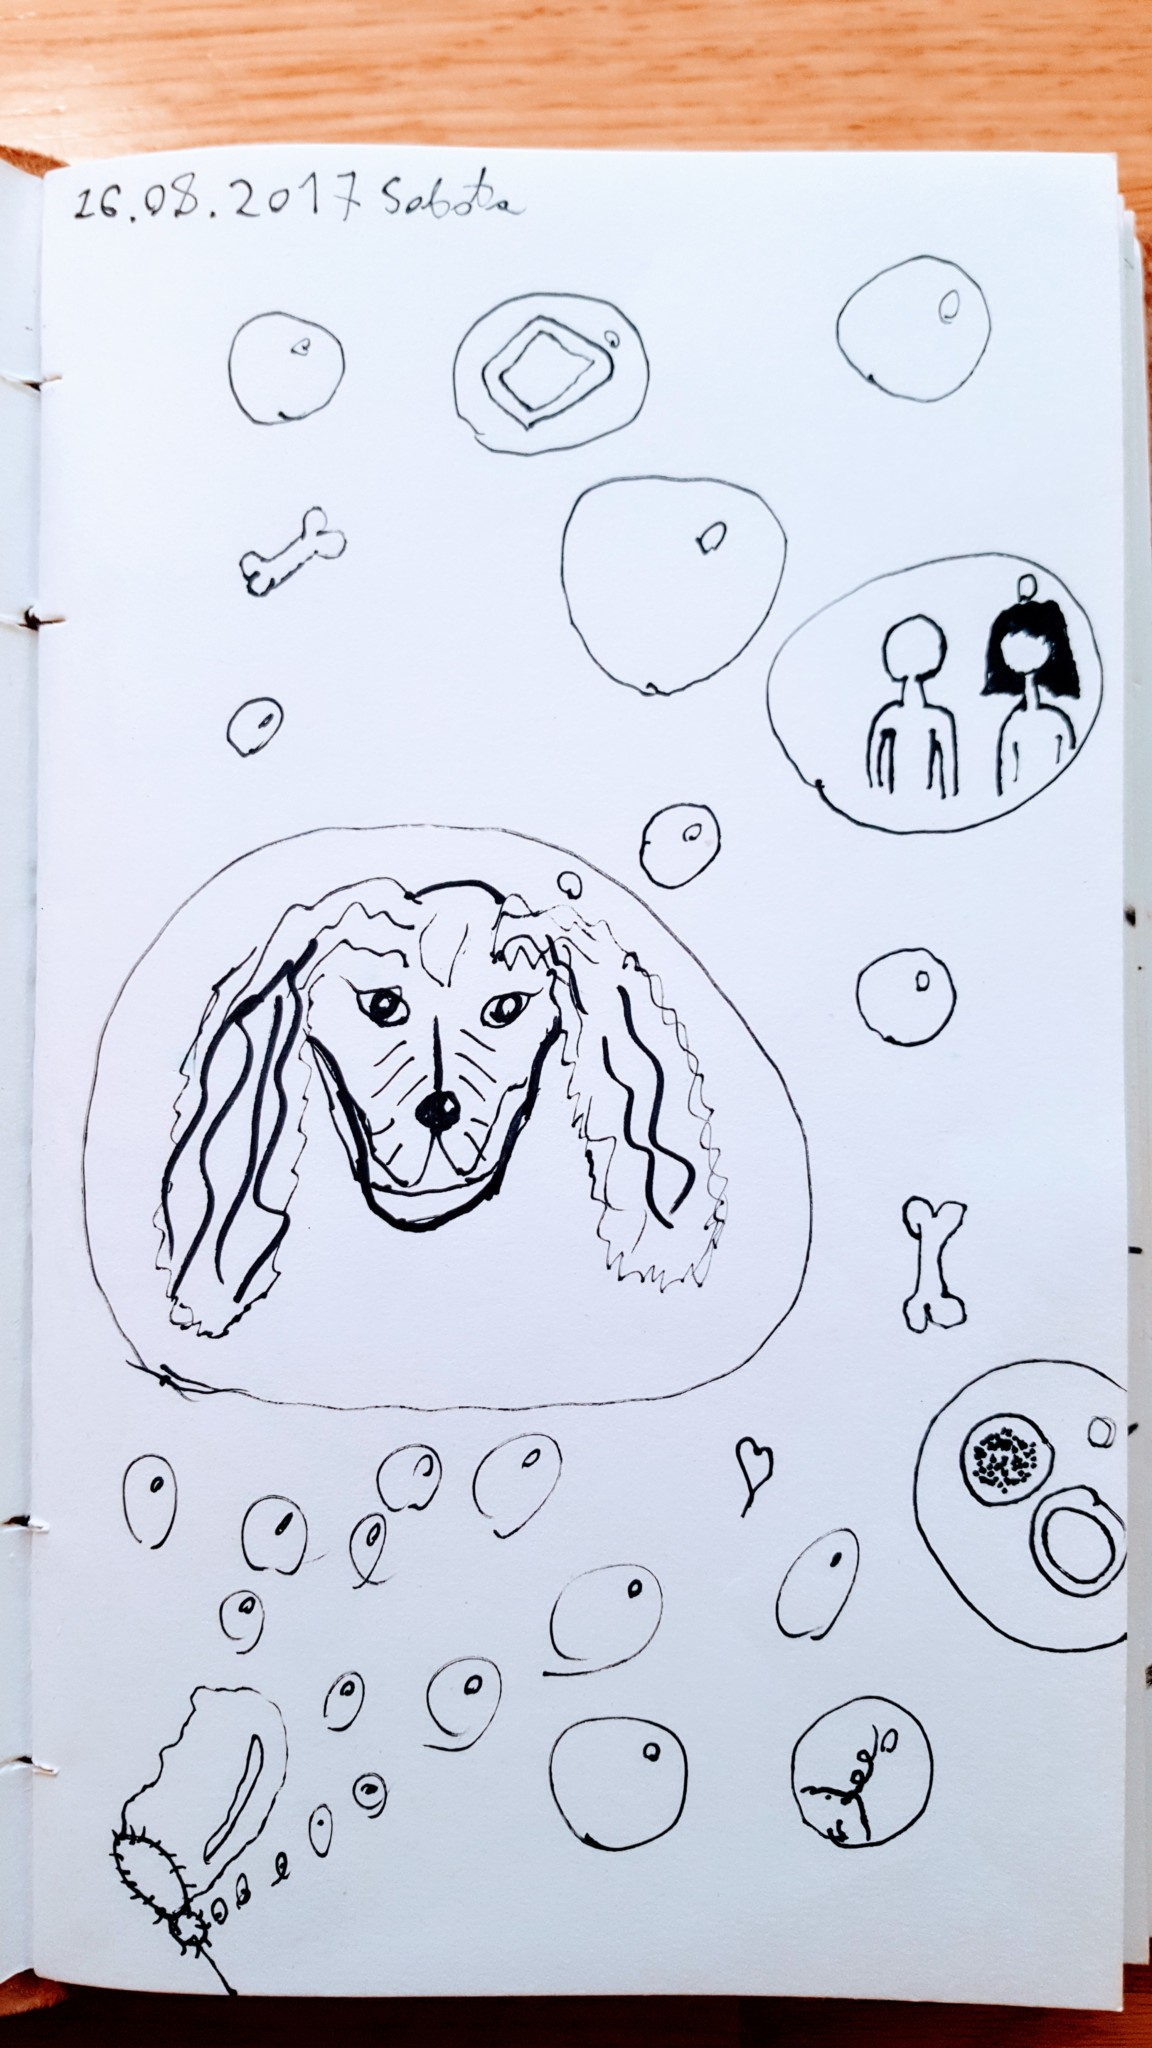 Pierwszy obrazek w serii. Spacer po Błoniach, bańki mydlane i pies, którego prowadziliśmy.